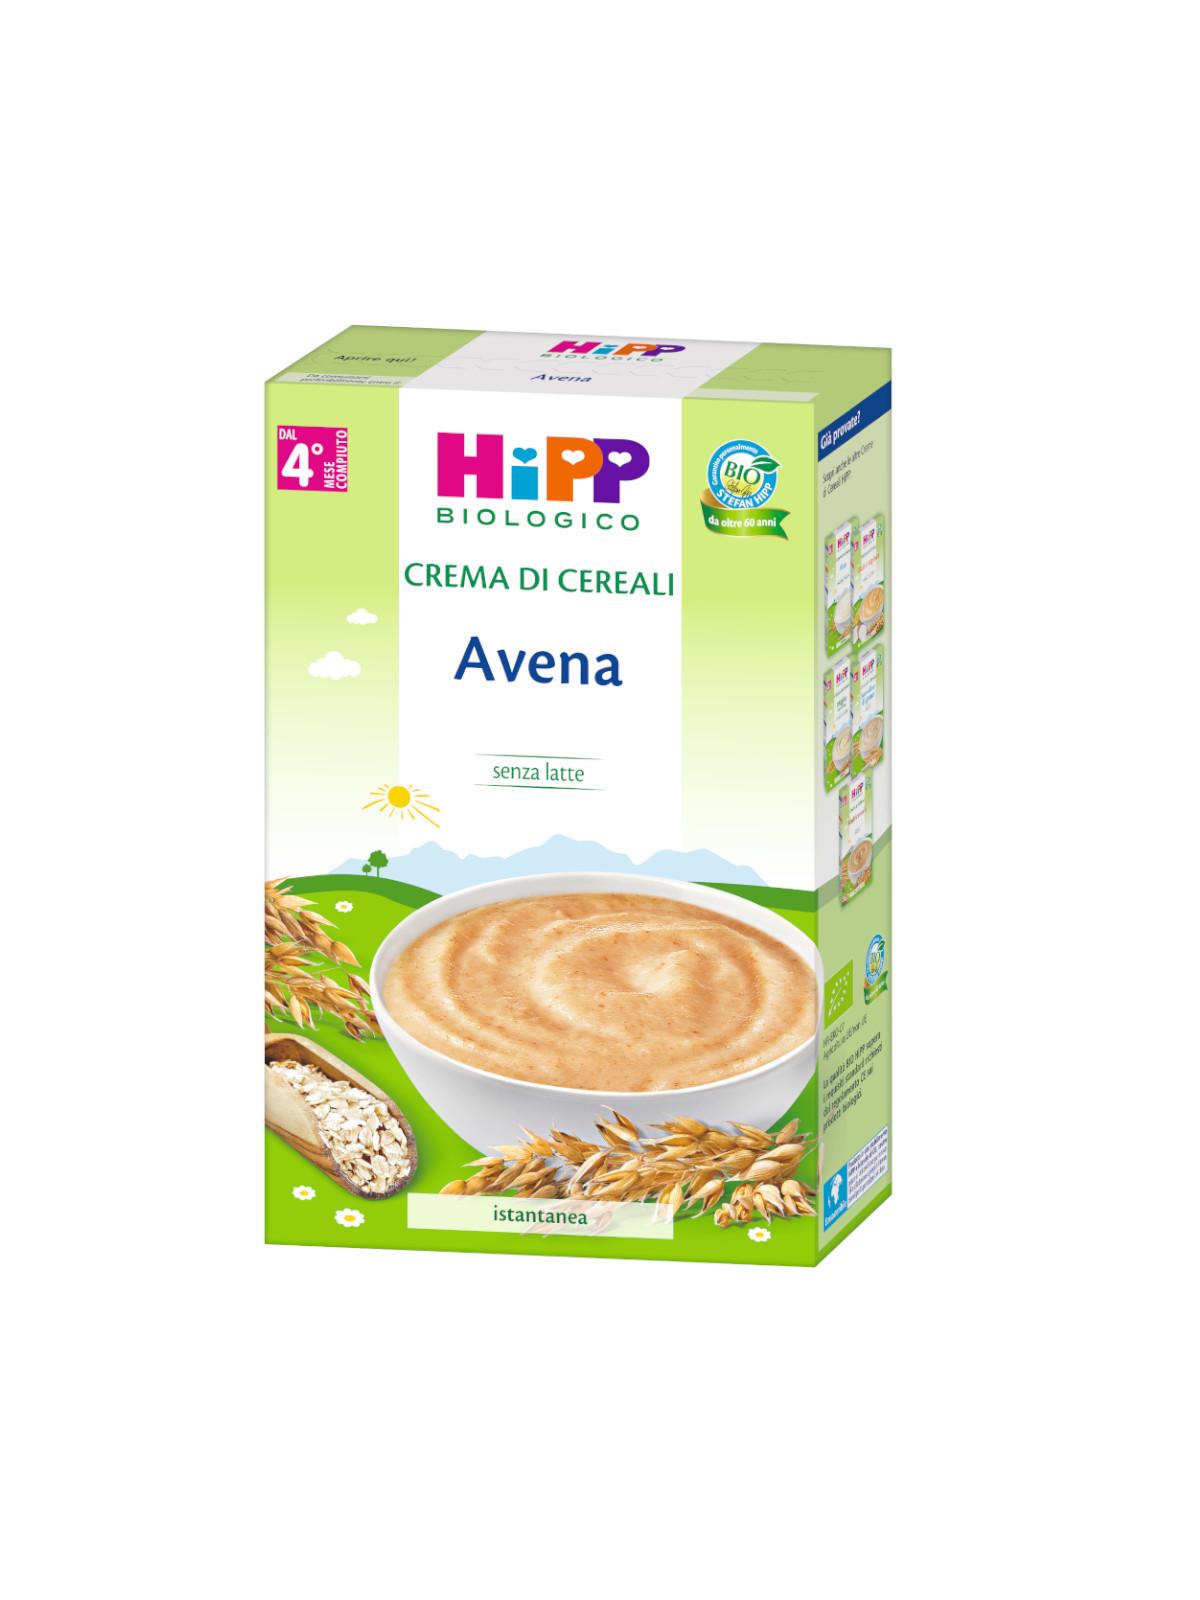 Crema di cereali avena 200g - Hipp